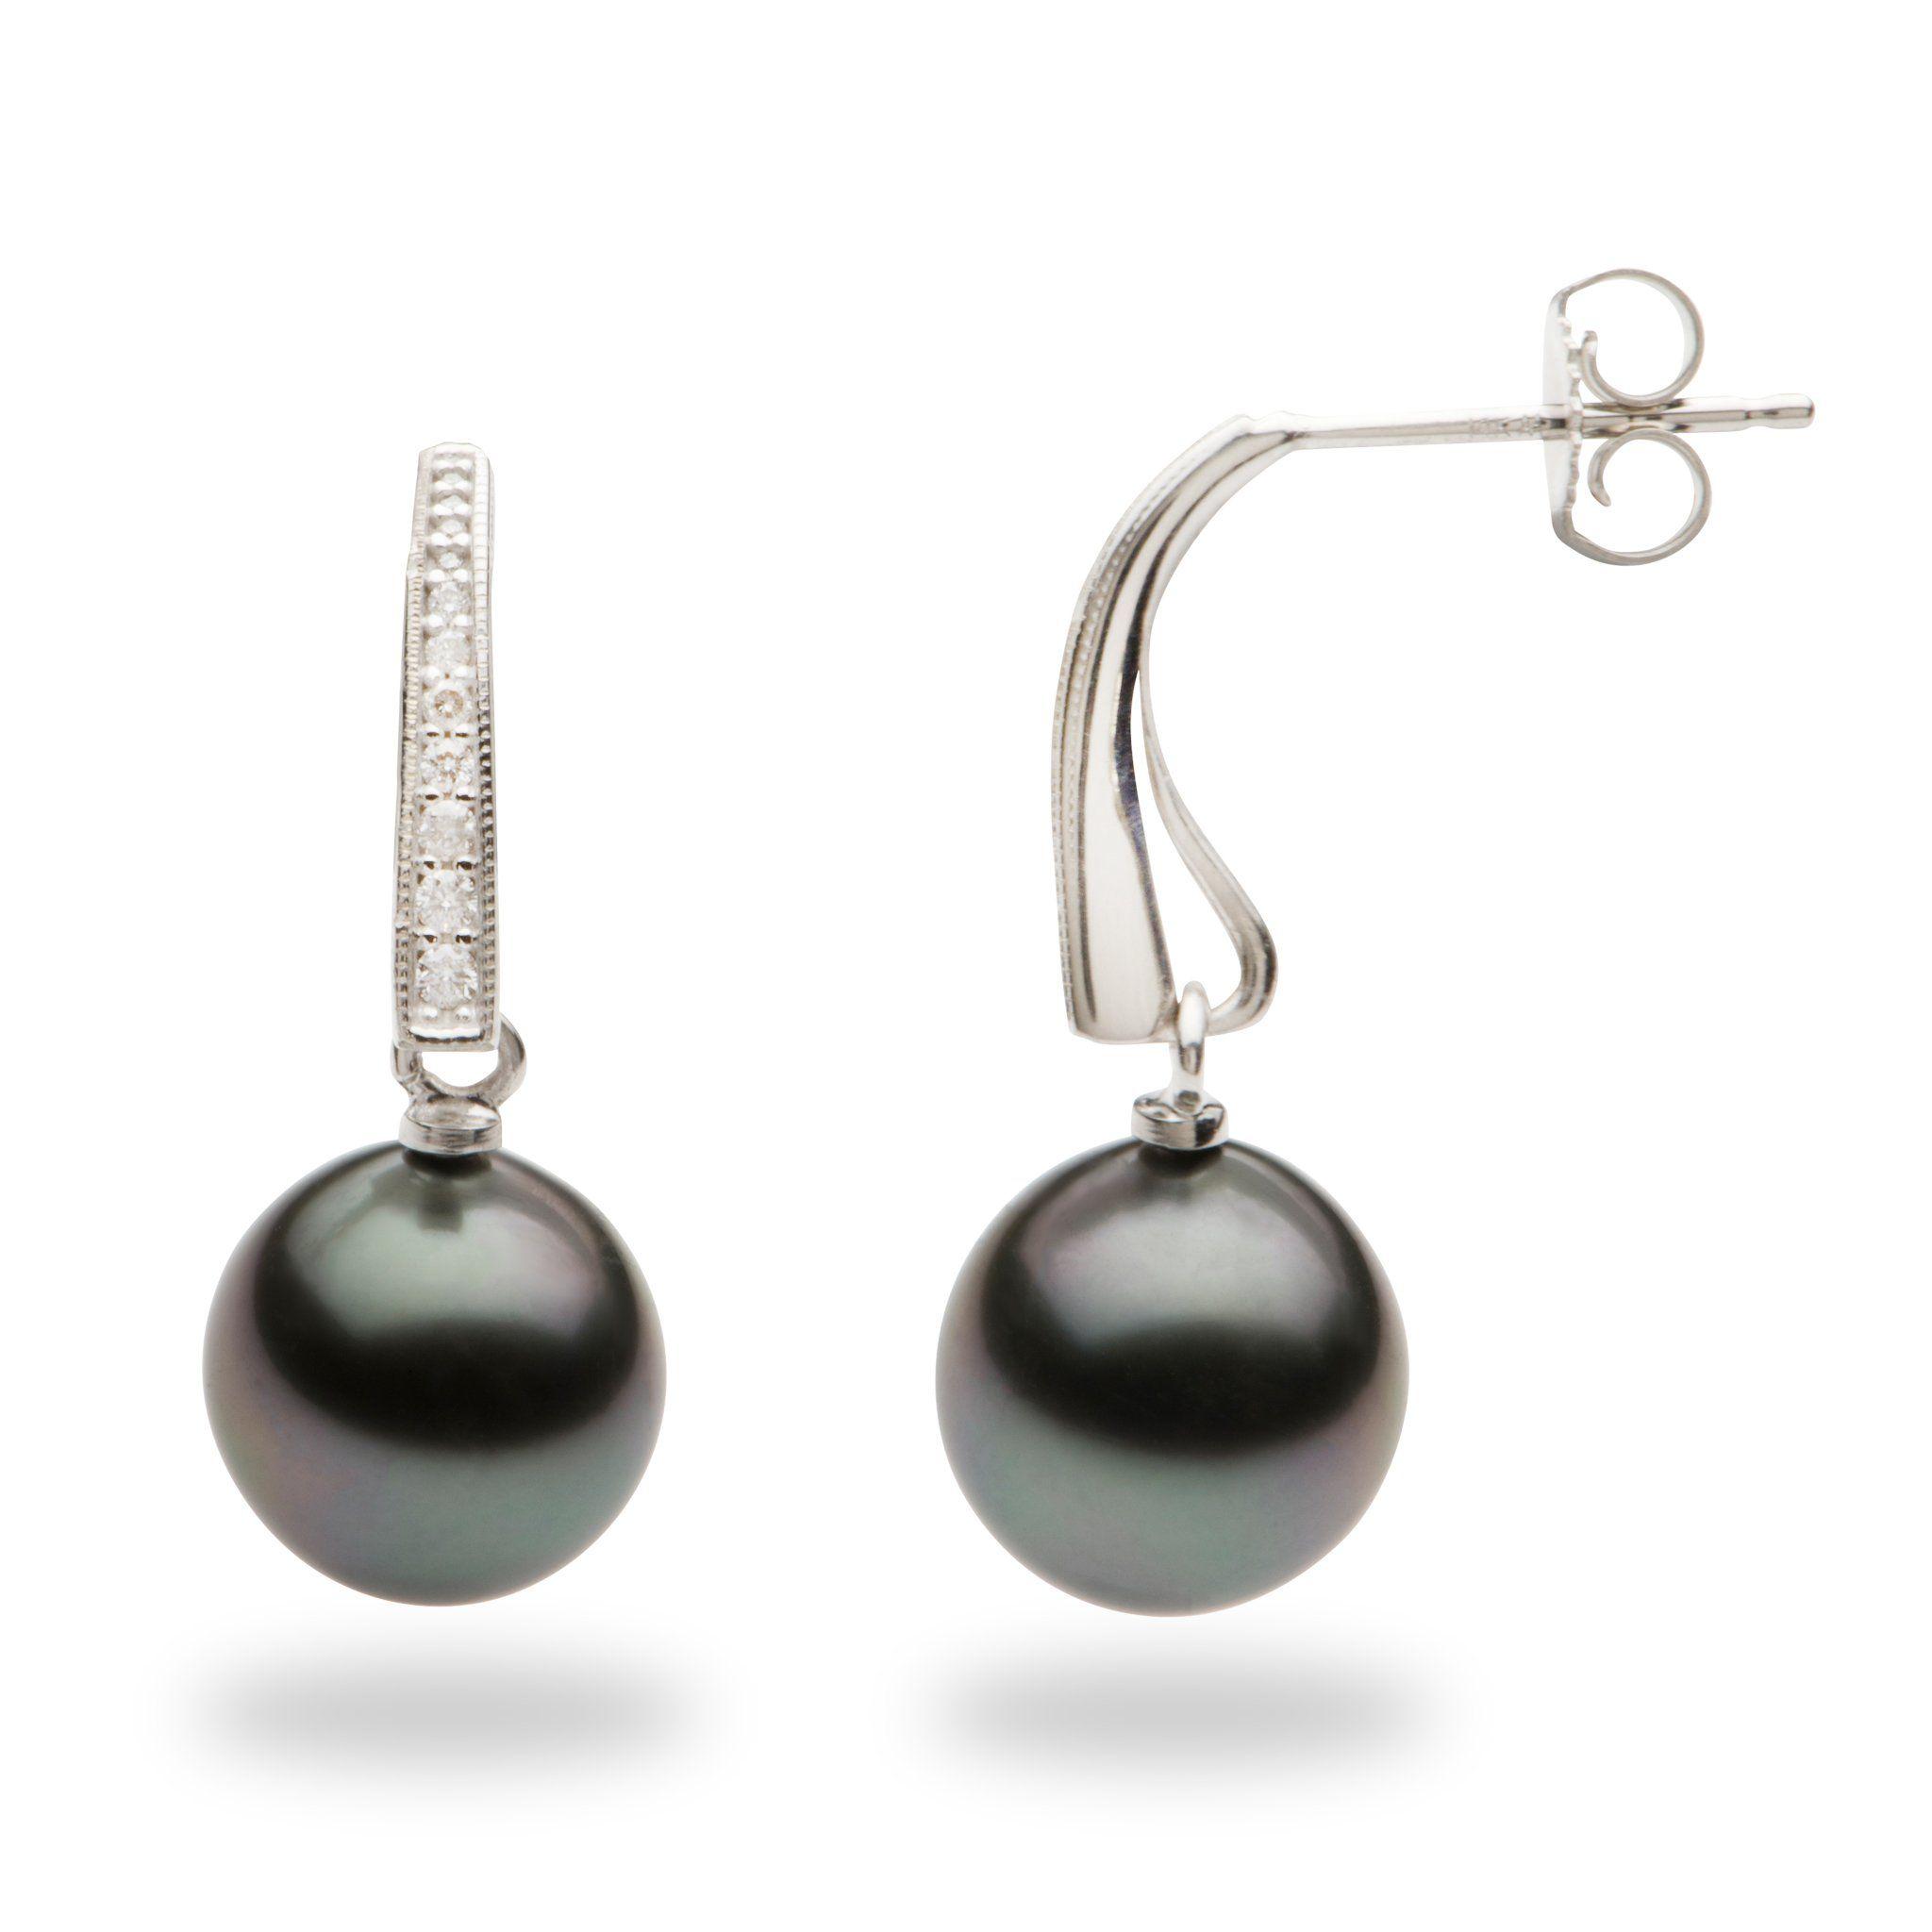 Tahitian Black Pearl Earrings With Diamonds In 14k White Gold 9 10mm Black Pearl Earrings Tahitian Black Pearls Pearl Earrings